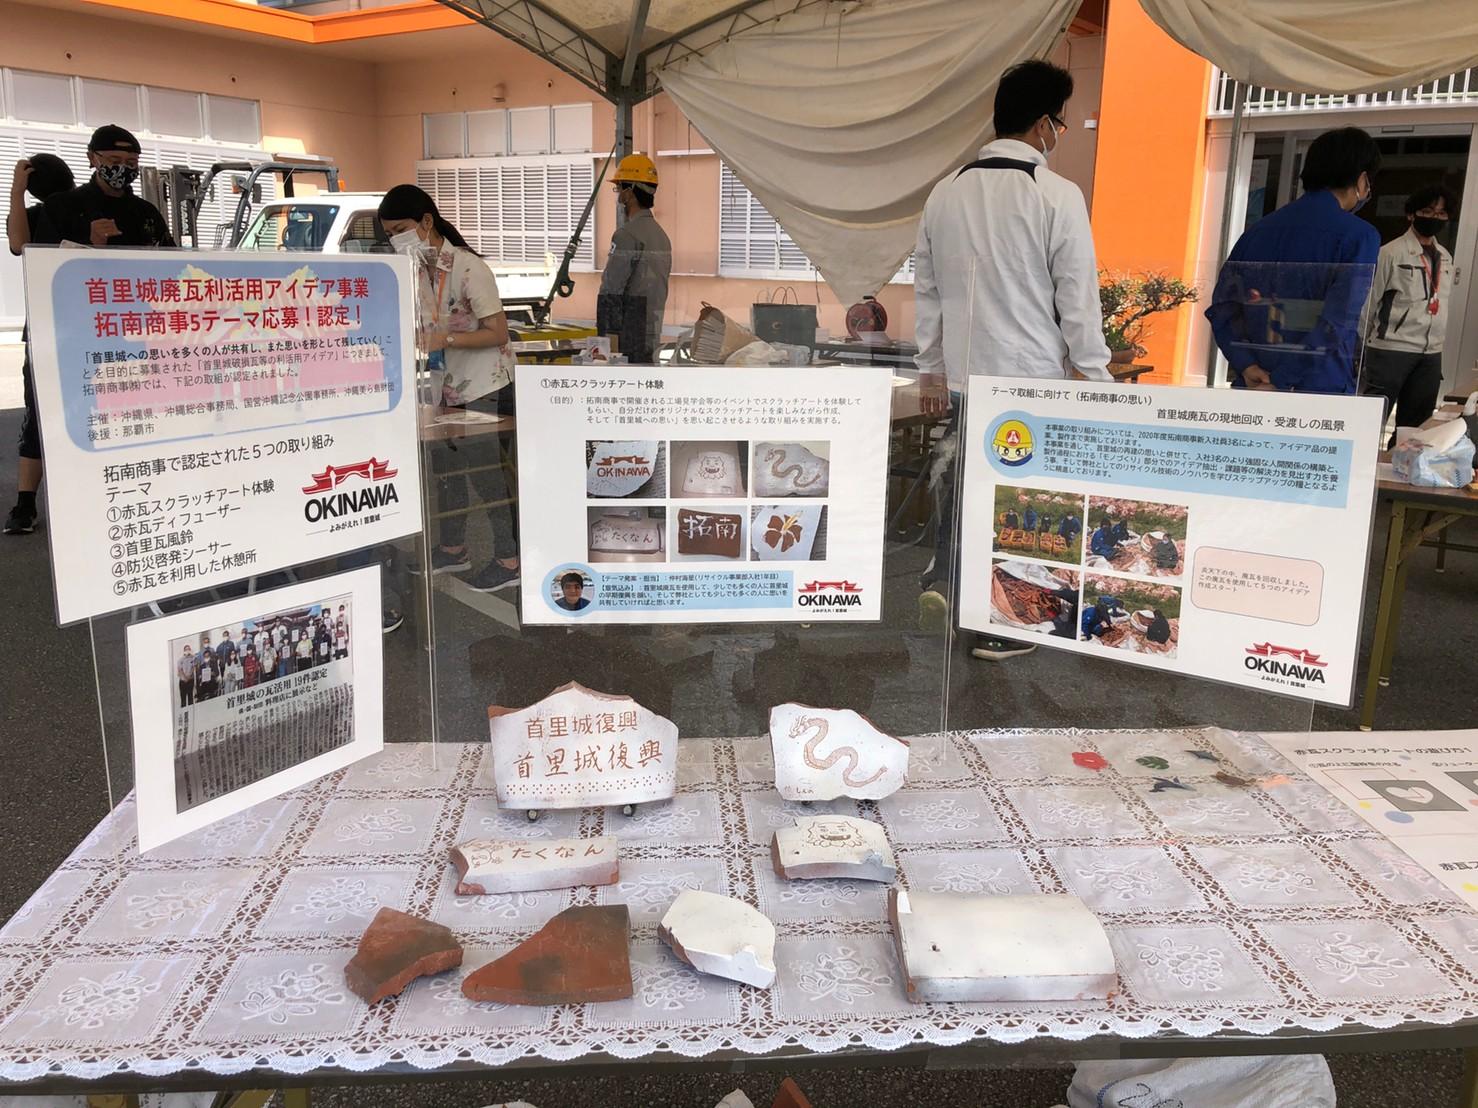 第44回 沖縄の産業まつり開催の様子